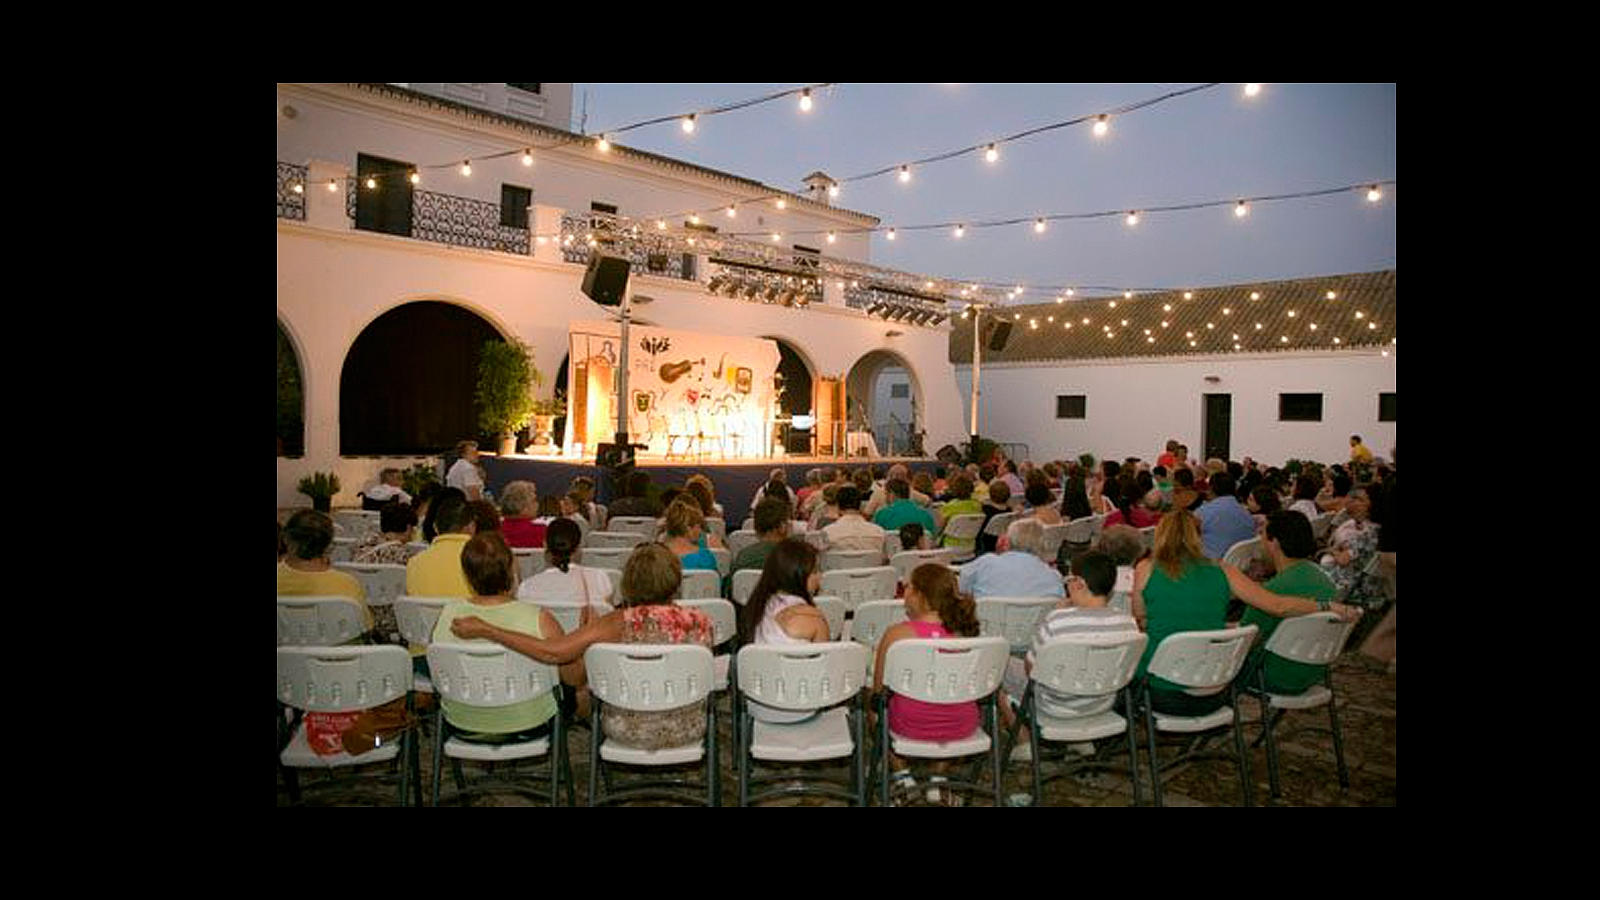 «Los veranillos del Alamillo» son talleres infantiles, espectáculos de magia, teatro, cine, etc. en el patio del Cortijo del parque del Alamillo